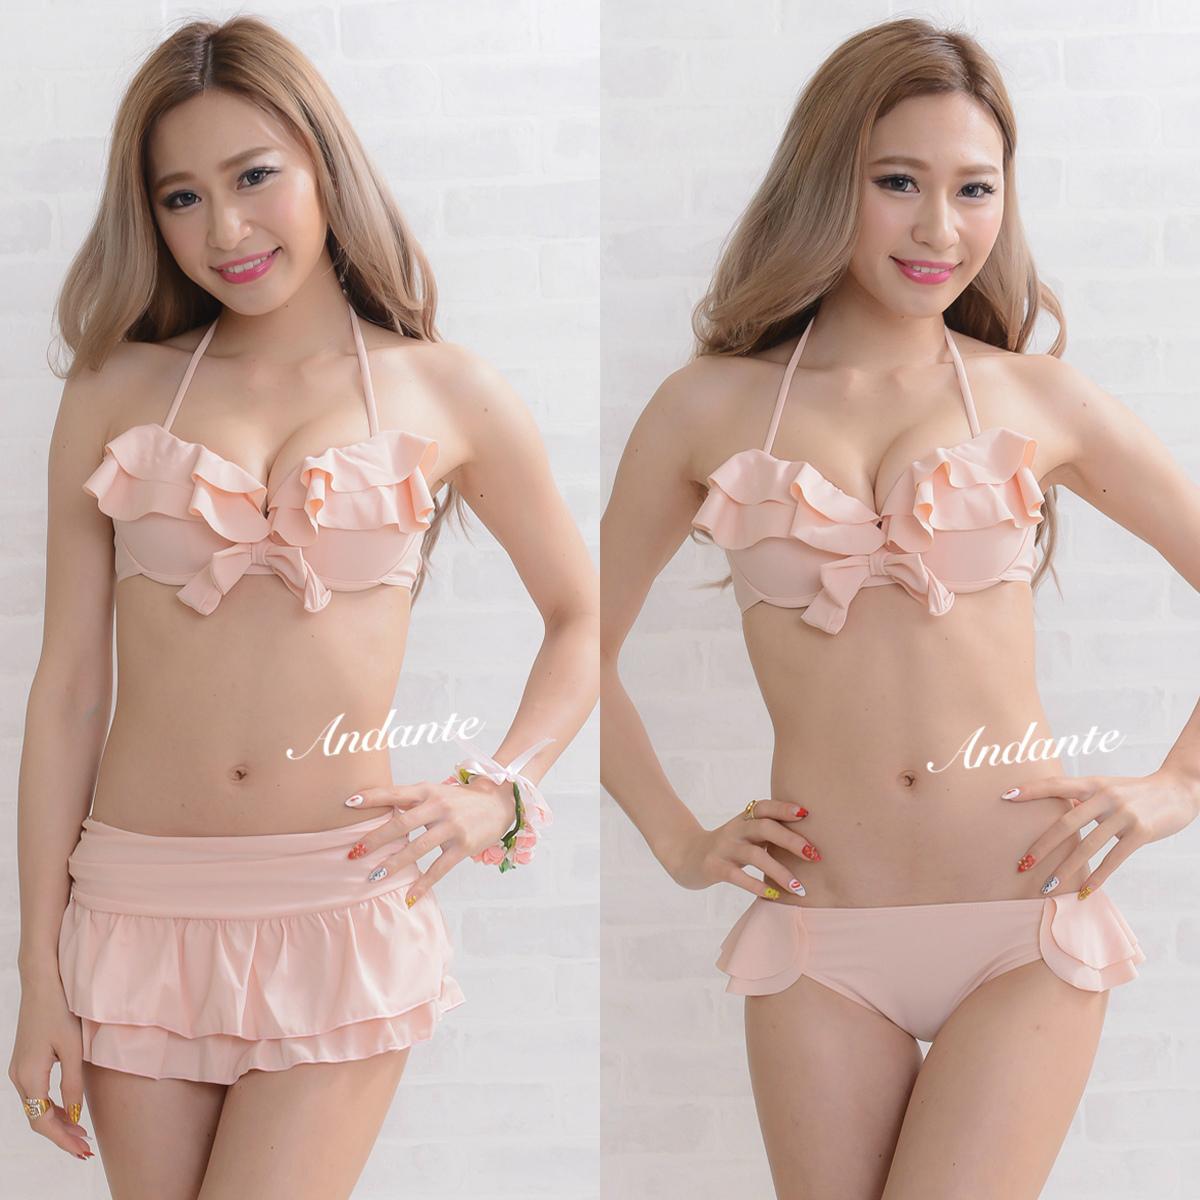 リボン×フリル水着 スカート付き3点セット ベビーピンク(薄いピンク)